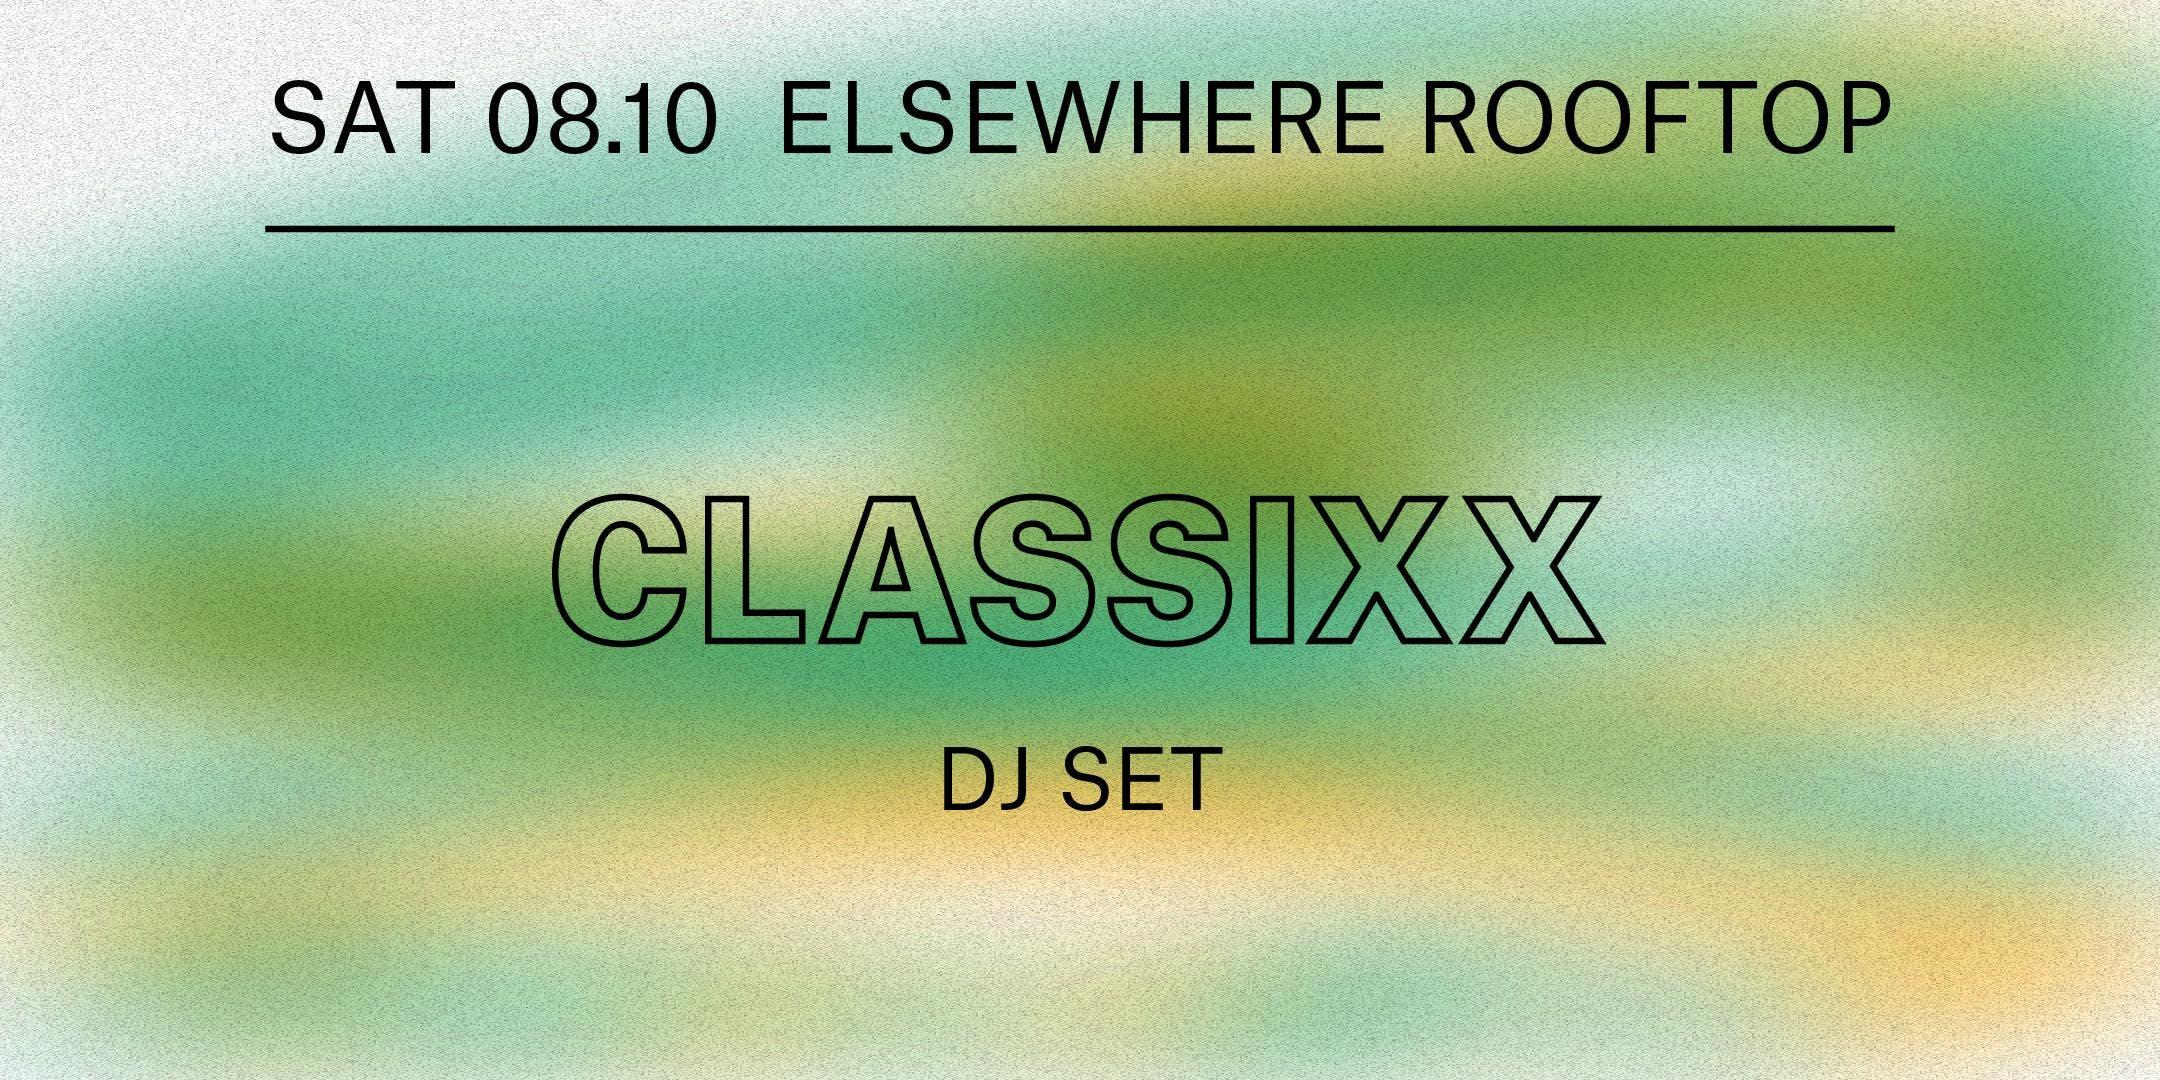 Classixx (DJ Set)